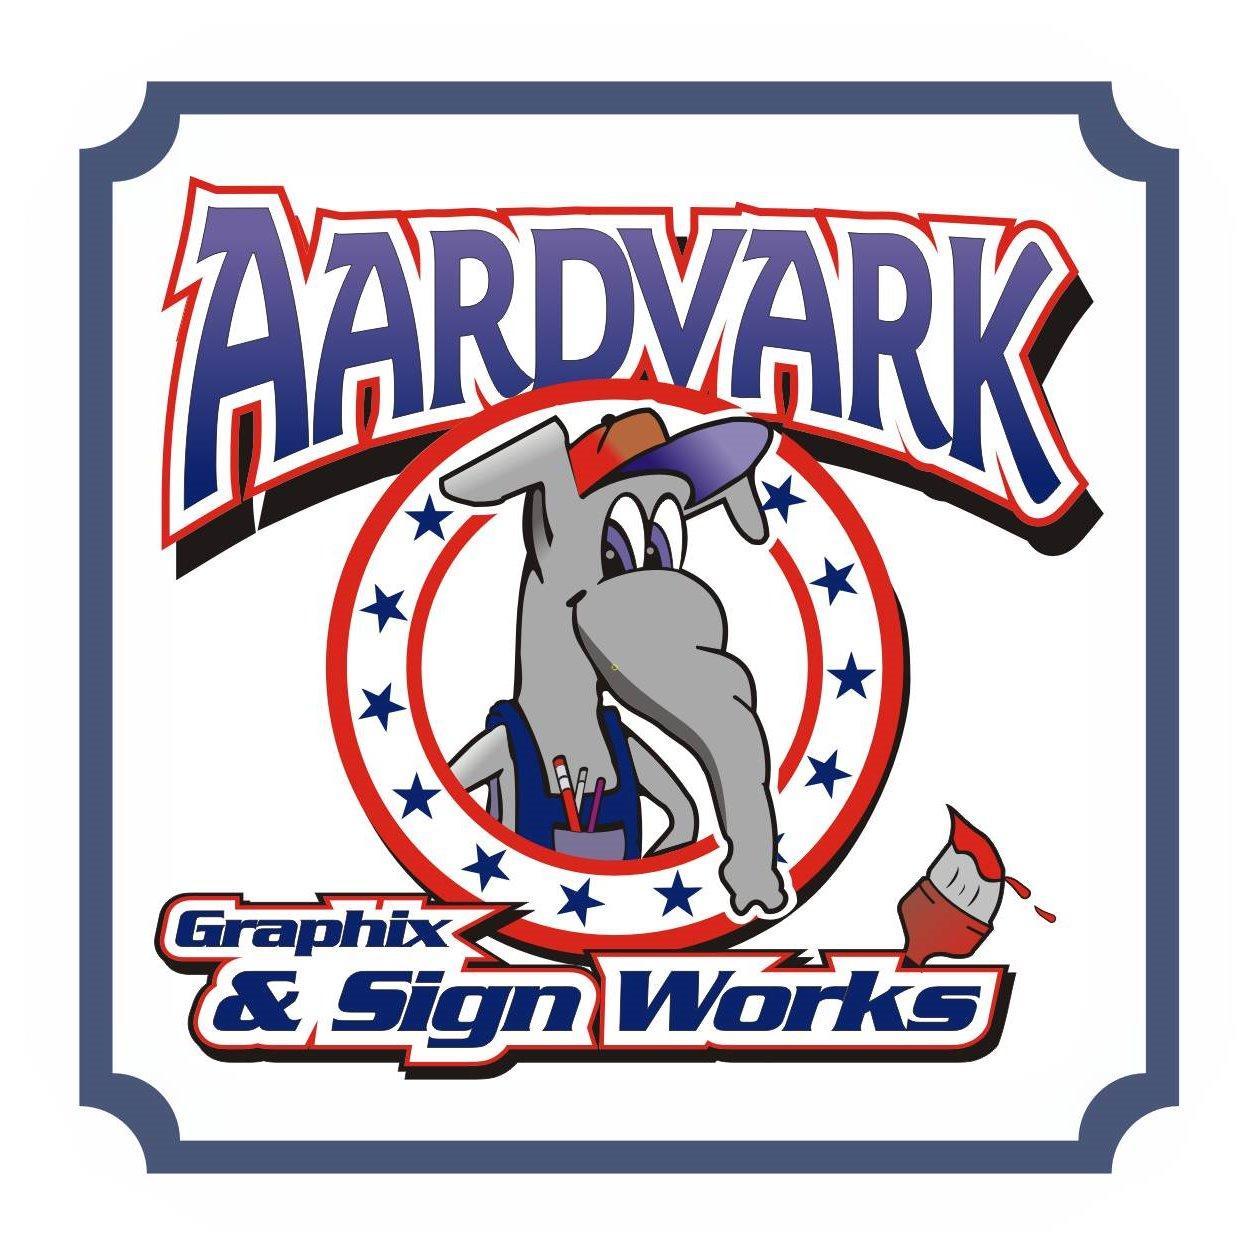 Aardvark Graphix & Sign Works image 8